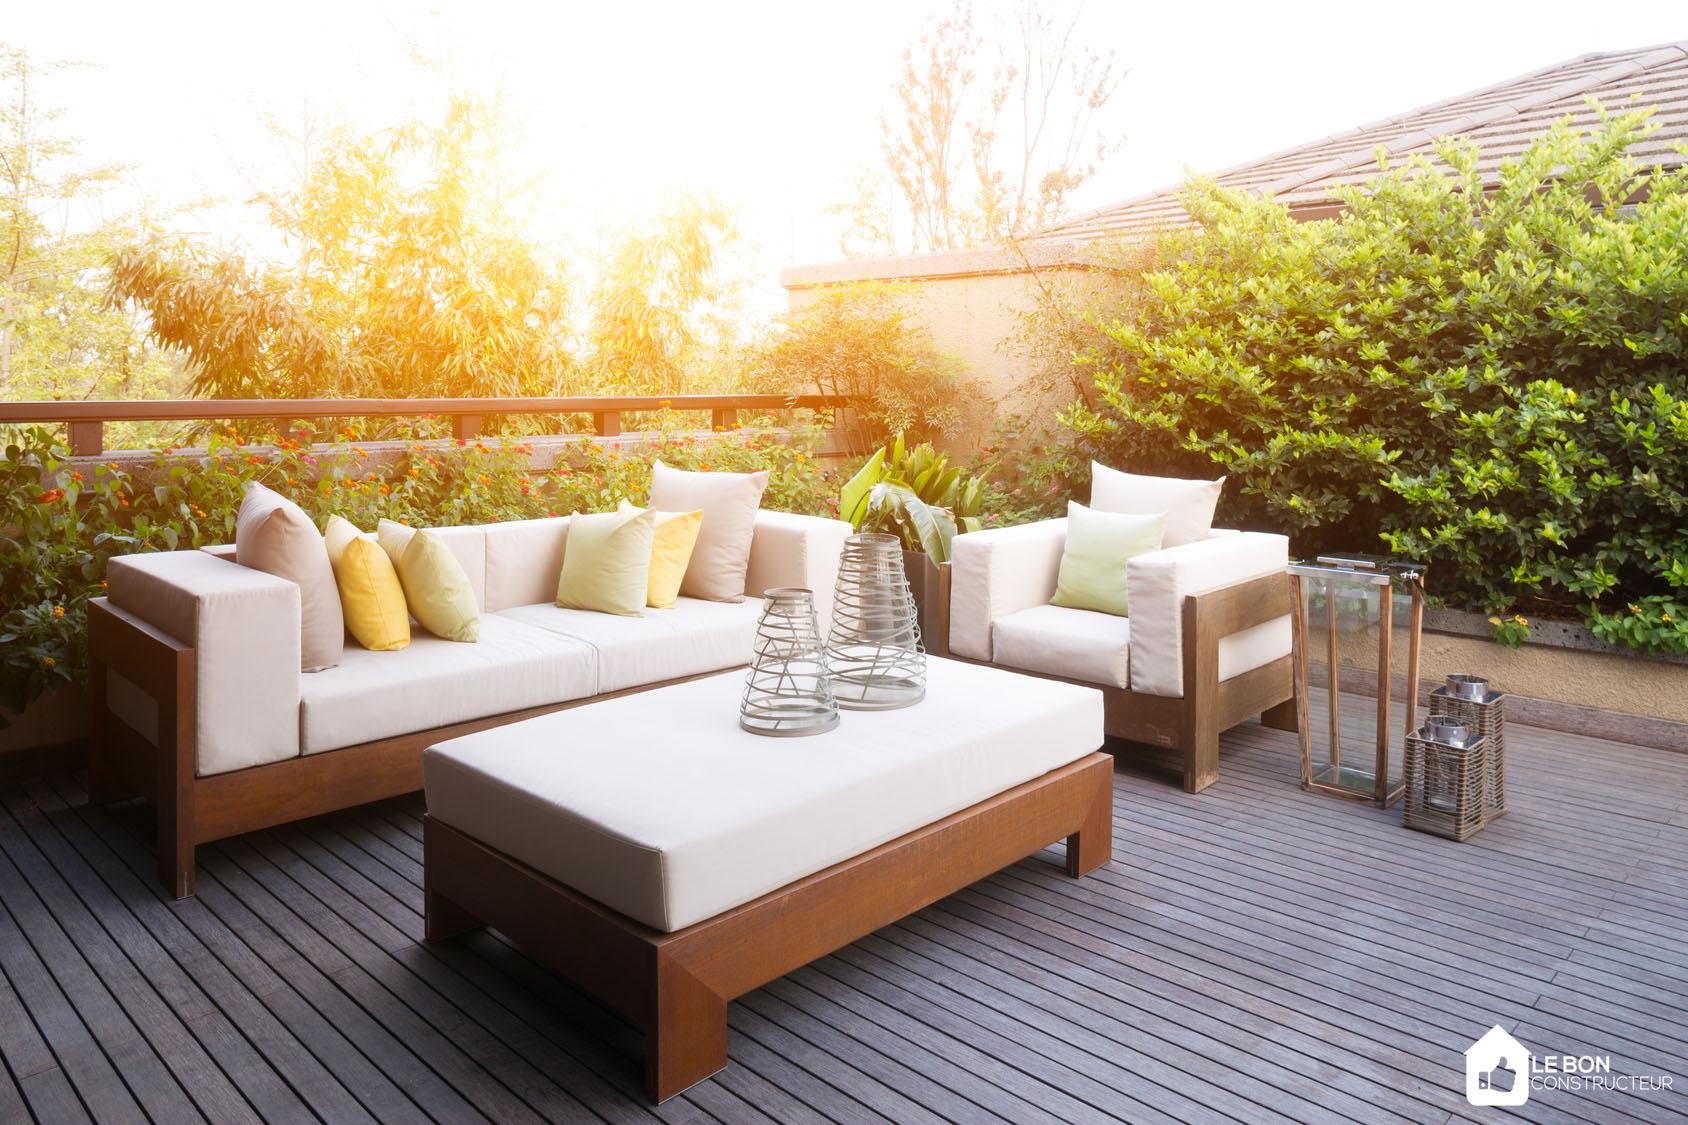 quelle terrasse choisir pour ma maison. Black Bedroom Furniture Sets. Home Design Ideas